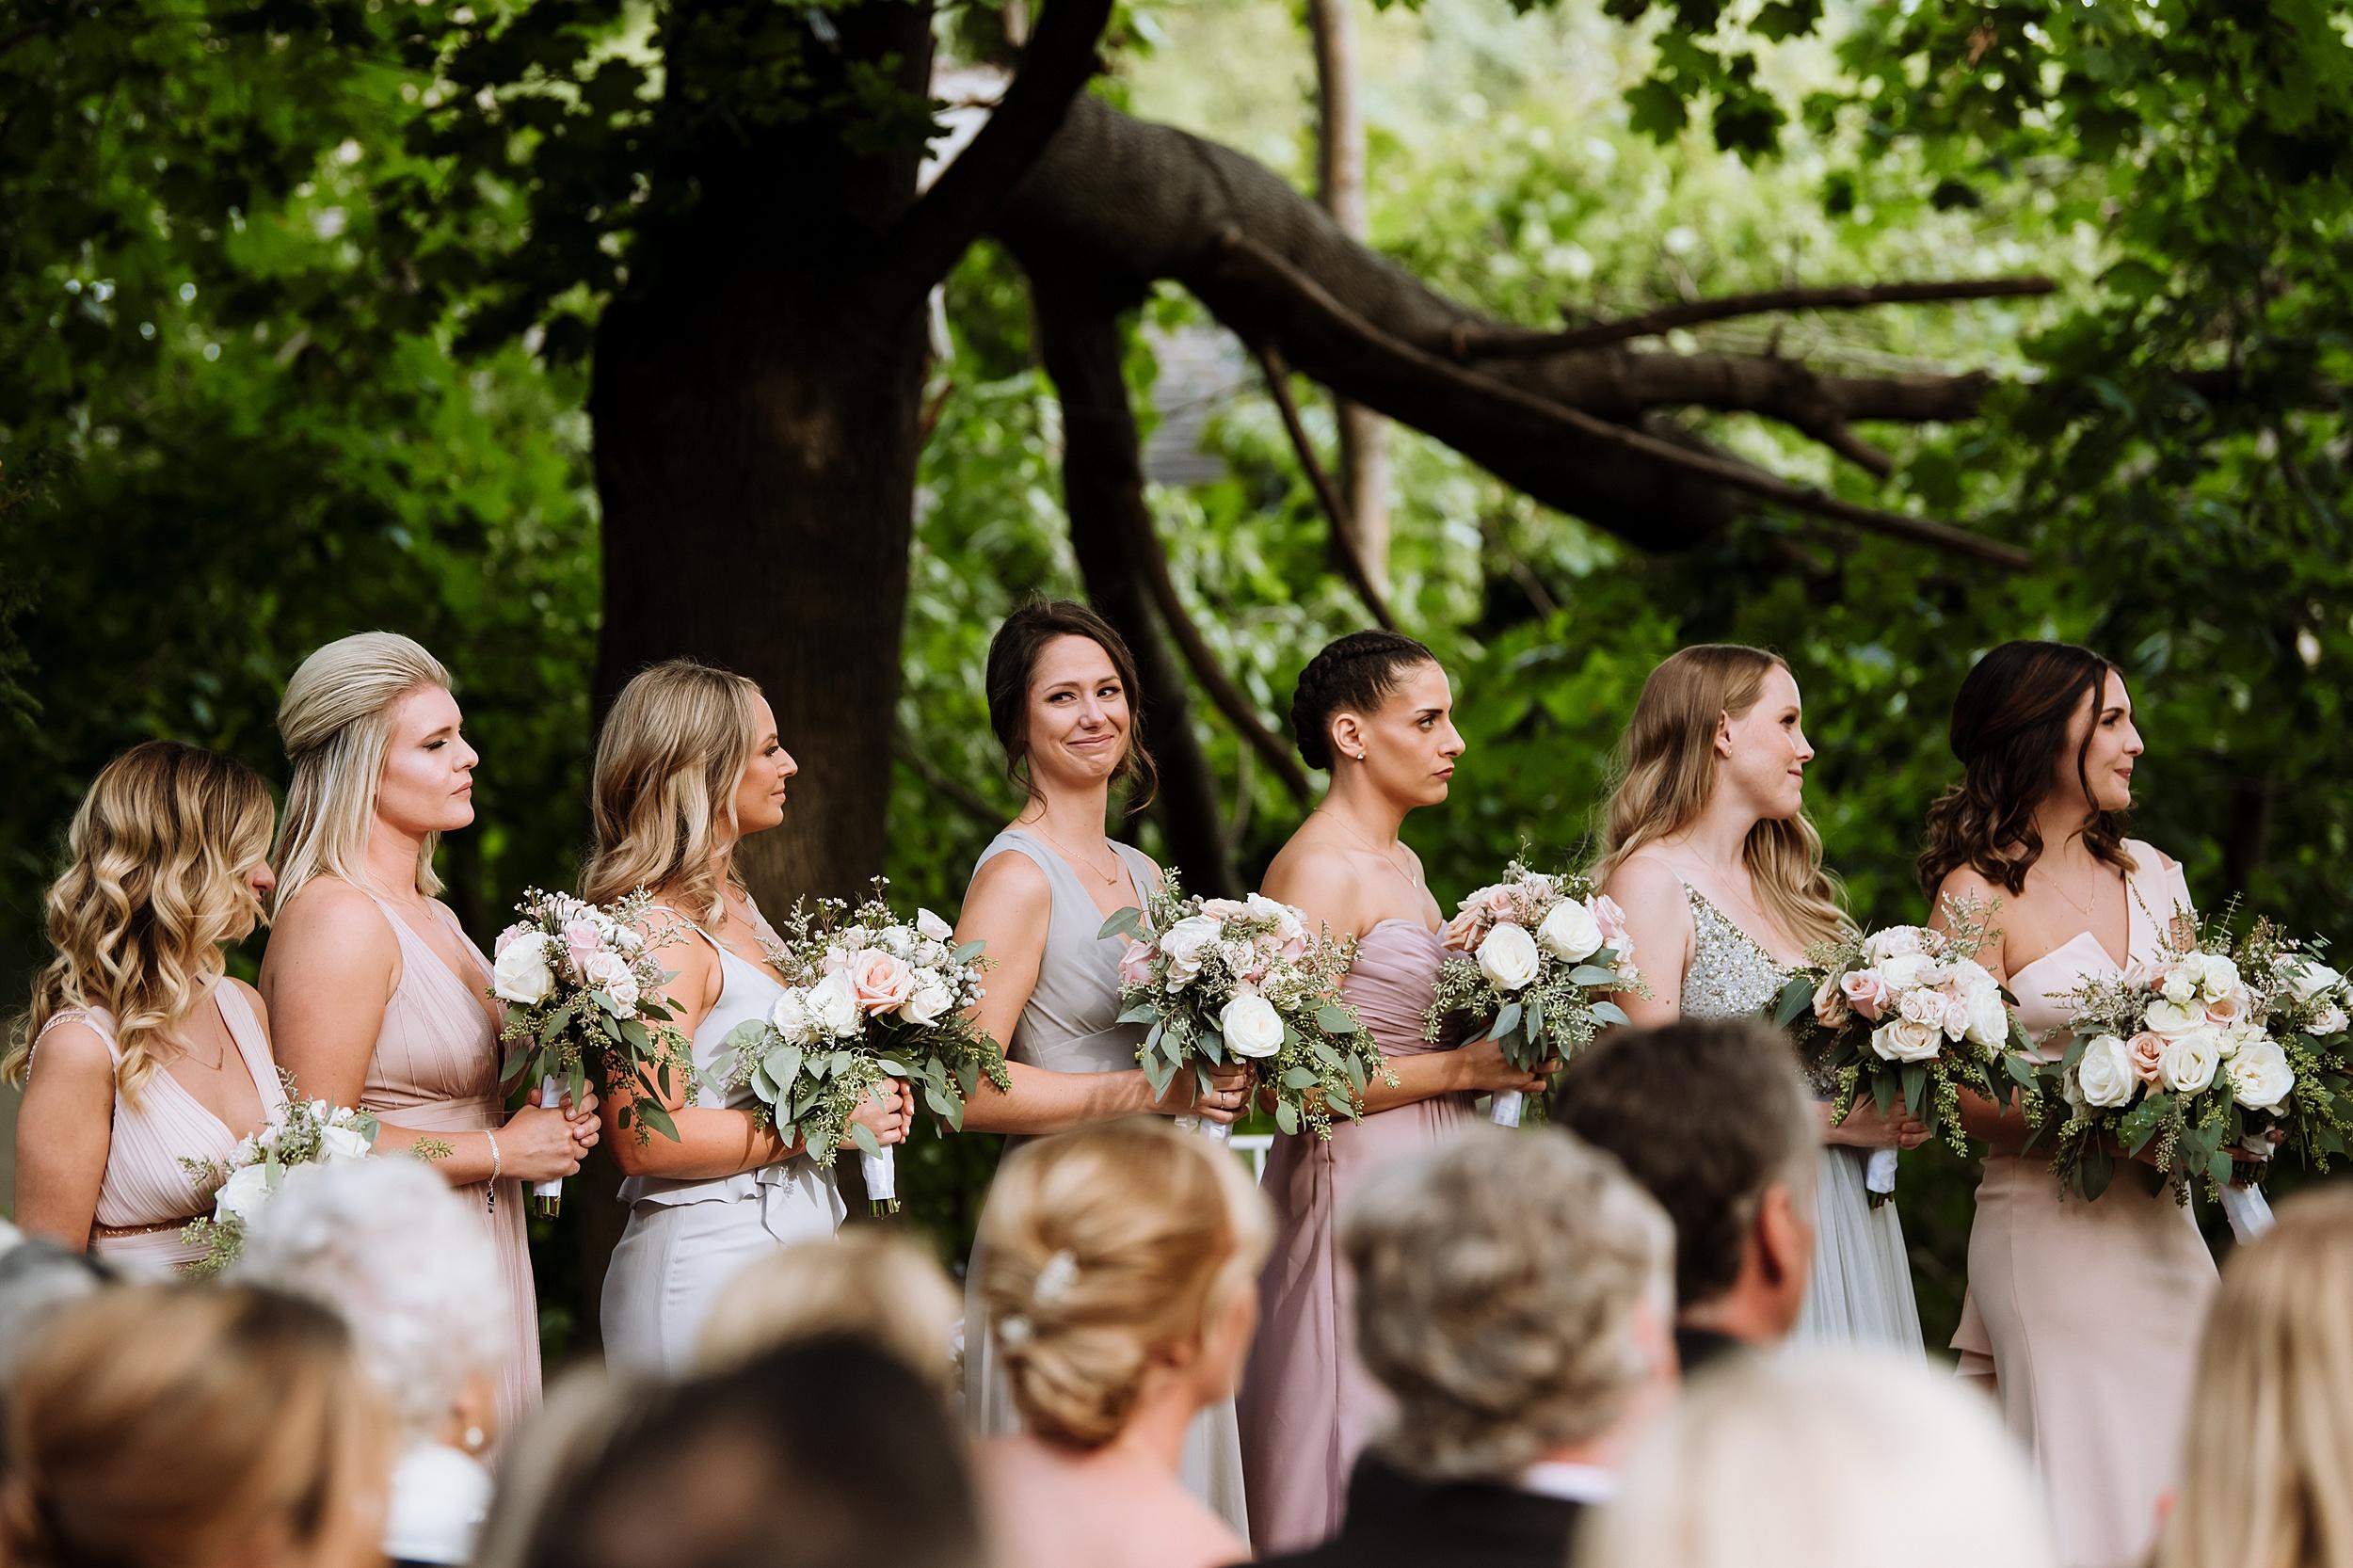 Rustic_Backyard_Wedding_Toronto_Photographer100.jpg